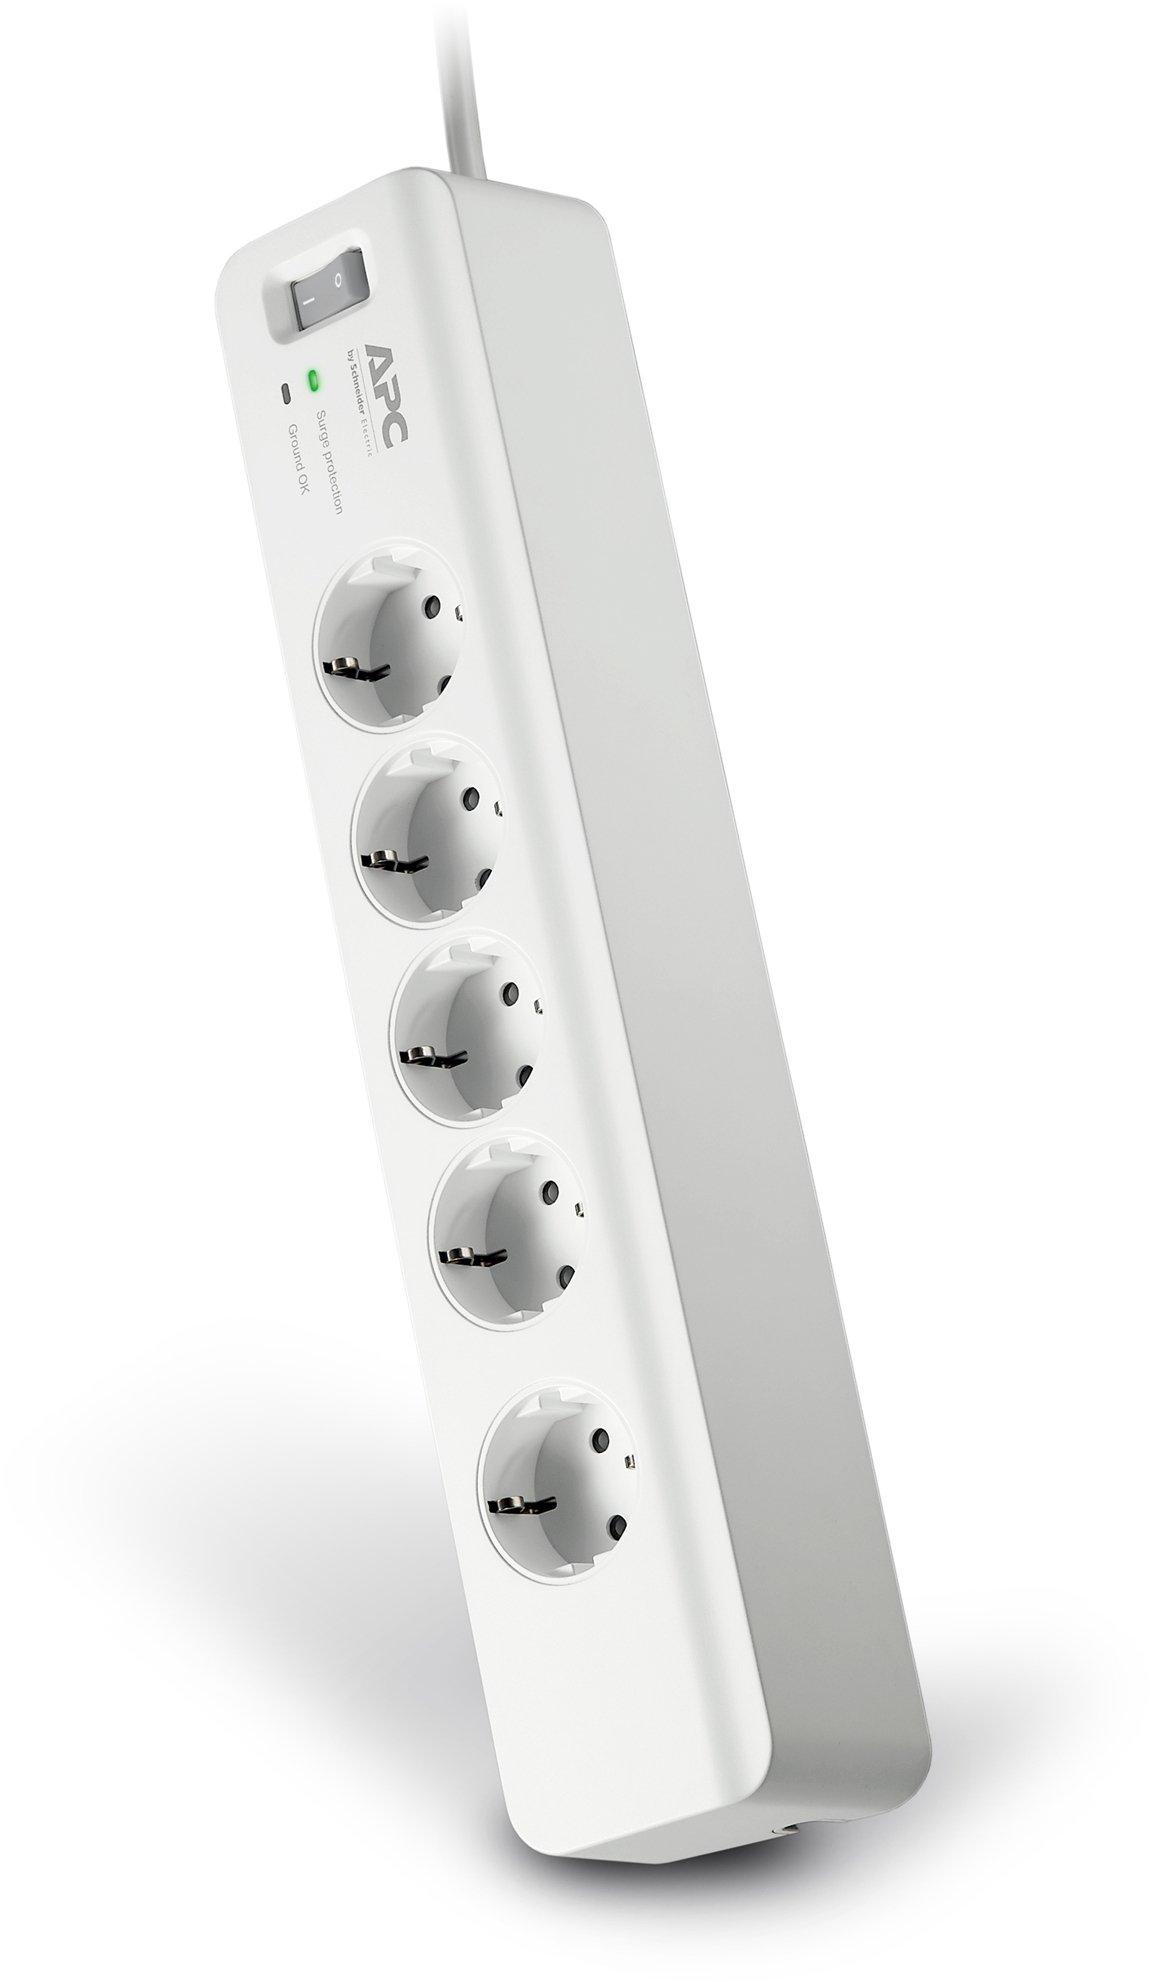 APC Surge Arrest Essential - PM5-GR - Regleta con protección contra subidas y picos de tensión, 5 tomas de salida product image